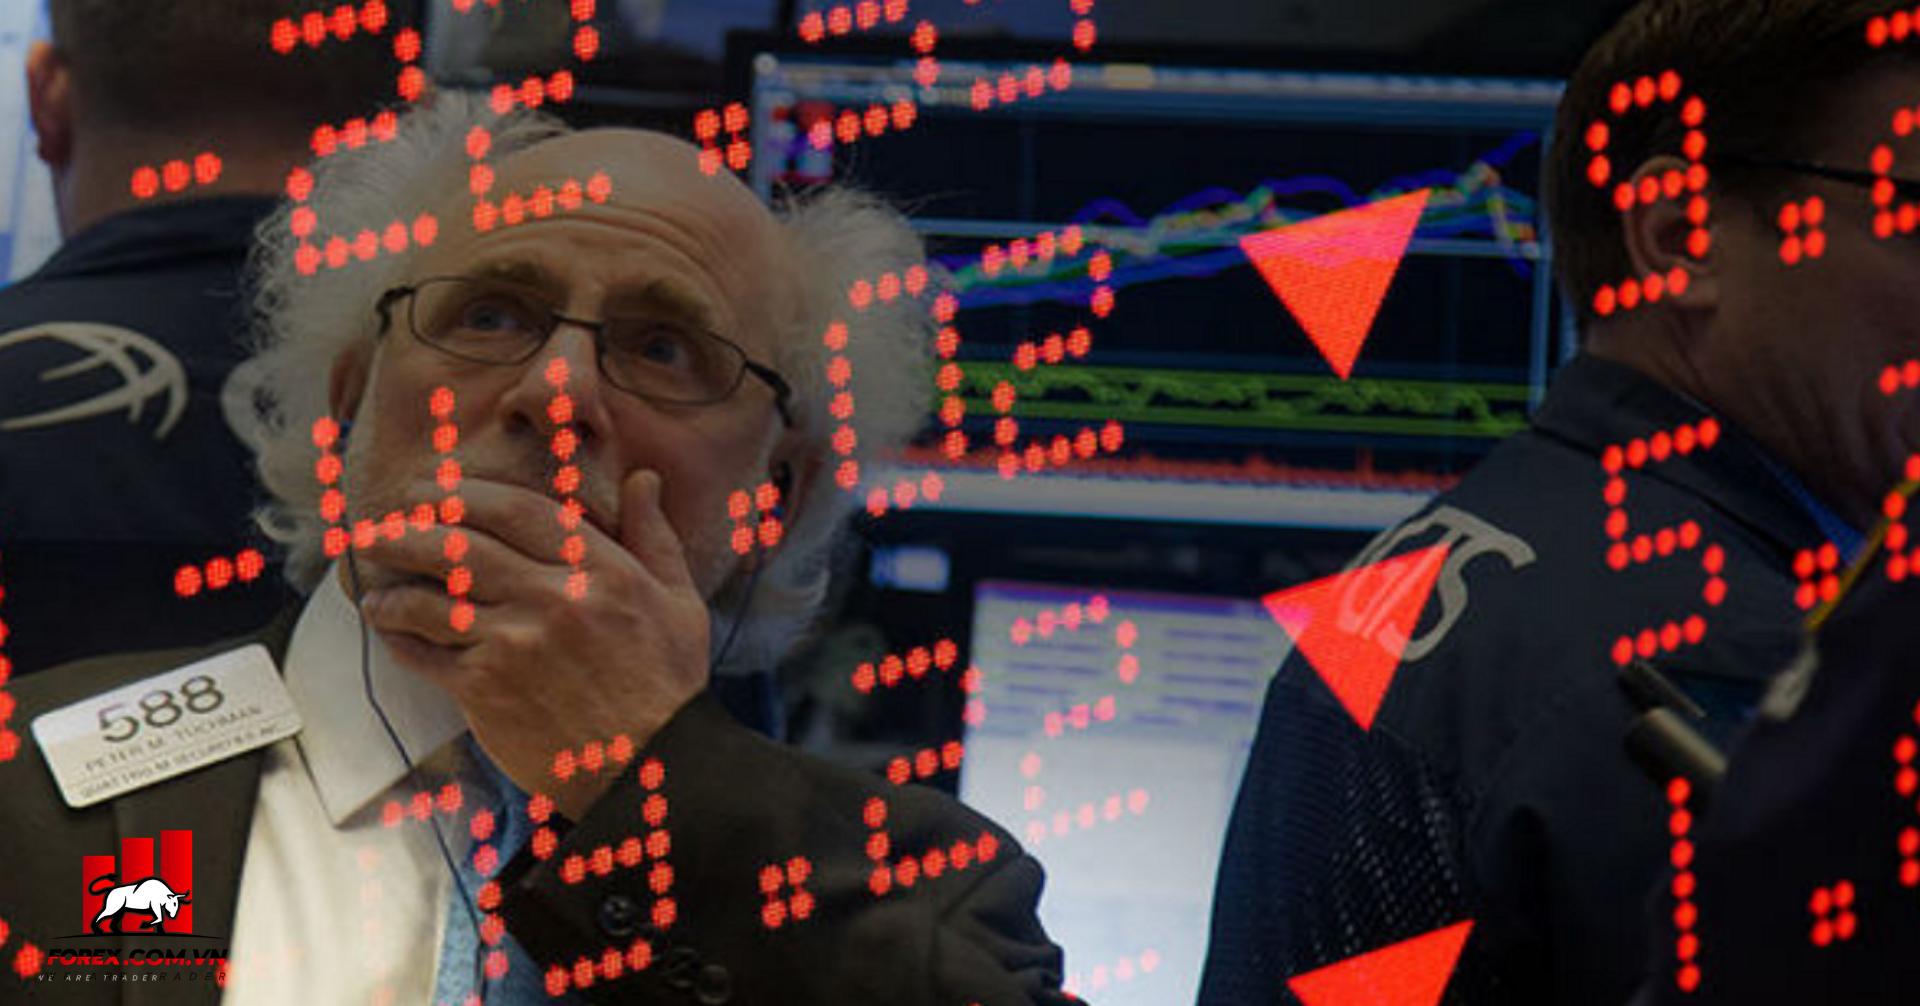 chỉ số ism ảnh hướng đến thị trường forex như thế nào